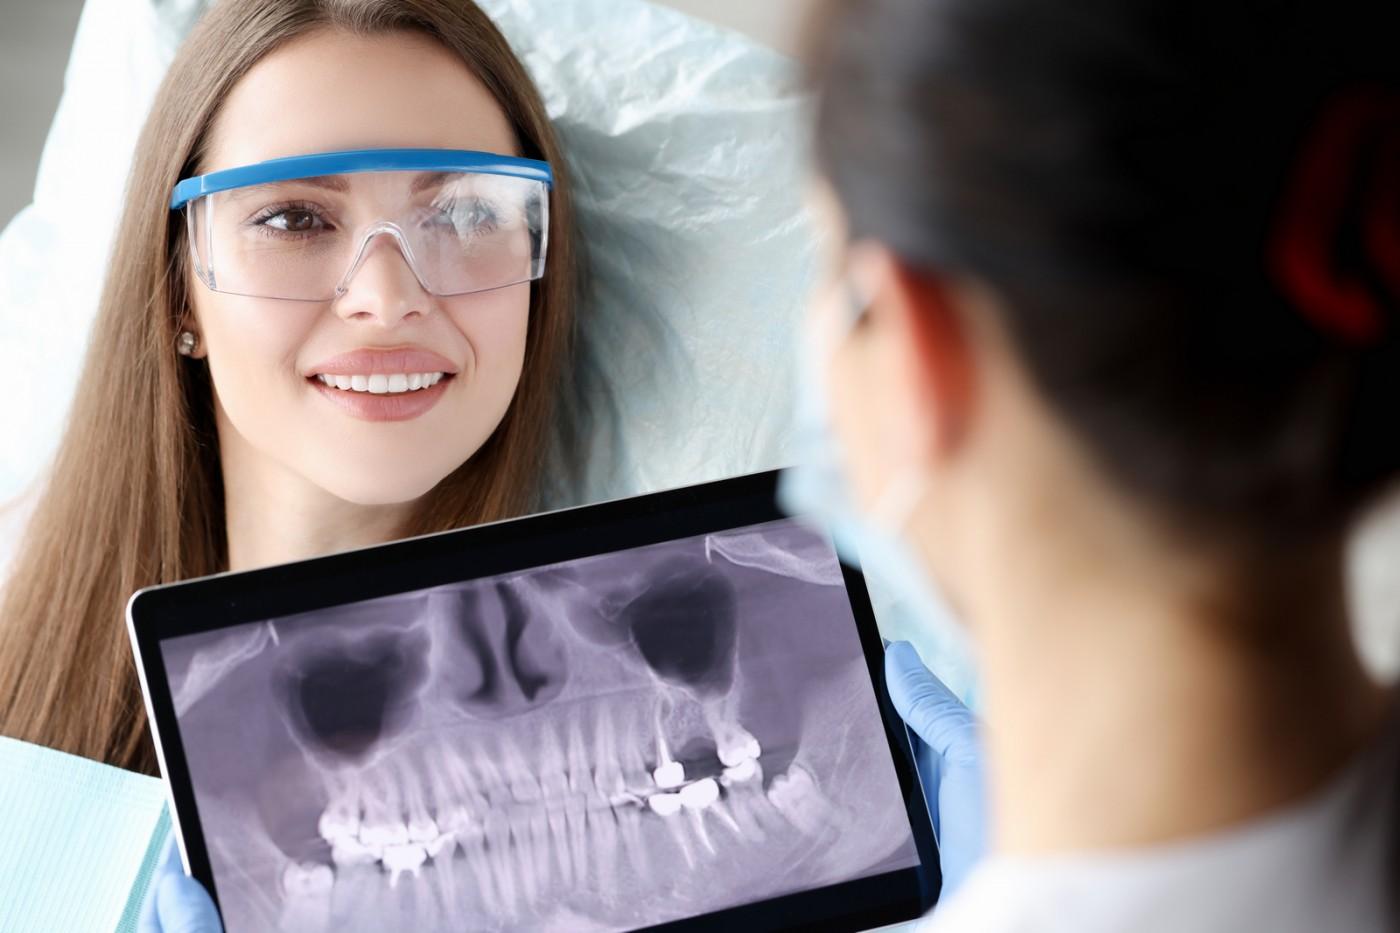 Radiologia dentară digitală YTS-Dental View Piaţa Sudului: calitate și expunere minimă la radiaţii